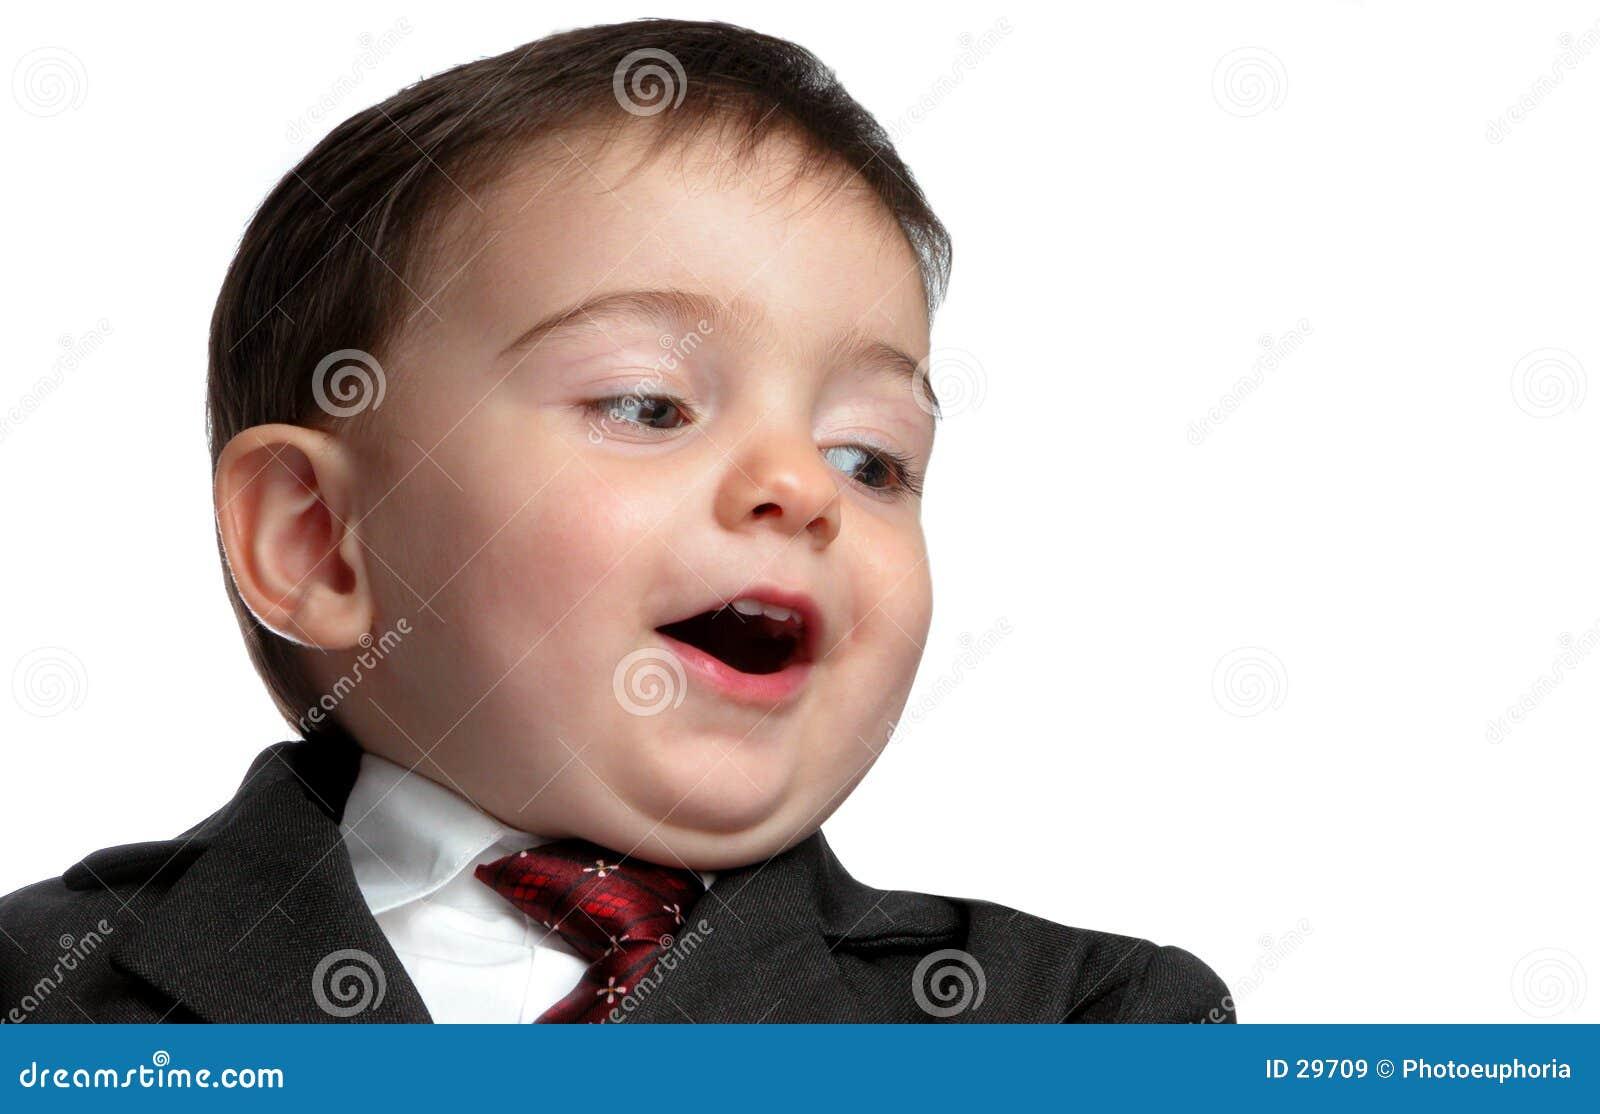 Little Man Series: Whoa! Hold On!